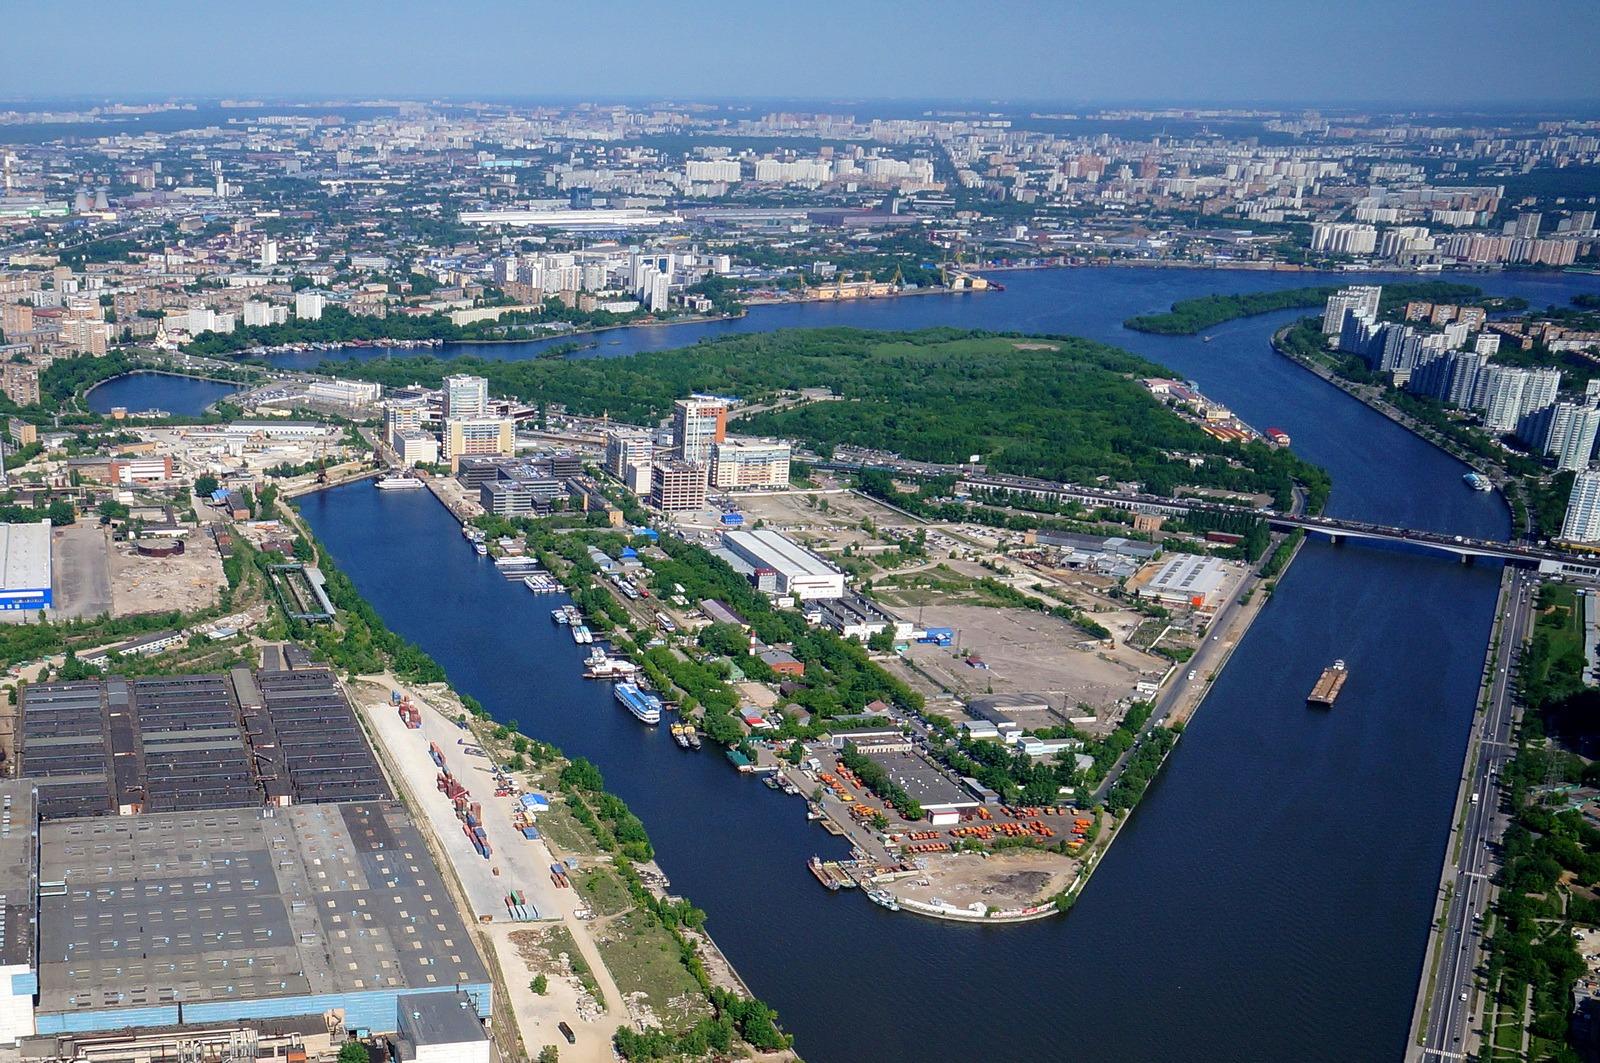 В рамках развития территории ЗИЛ на Москве-реке появятся водные маршруты